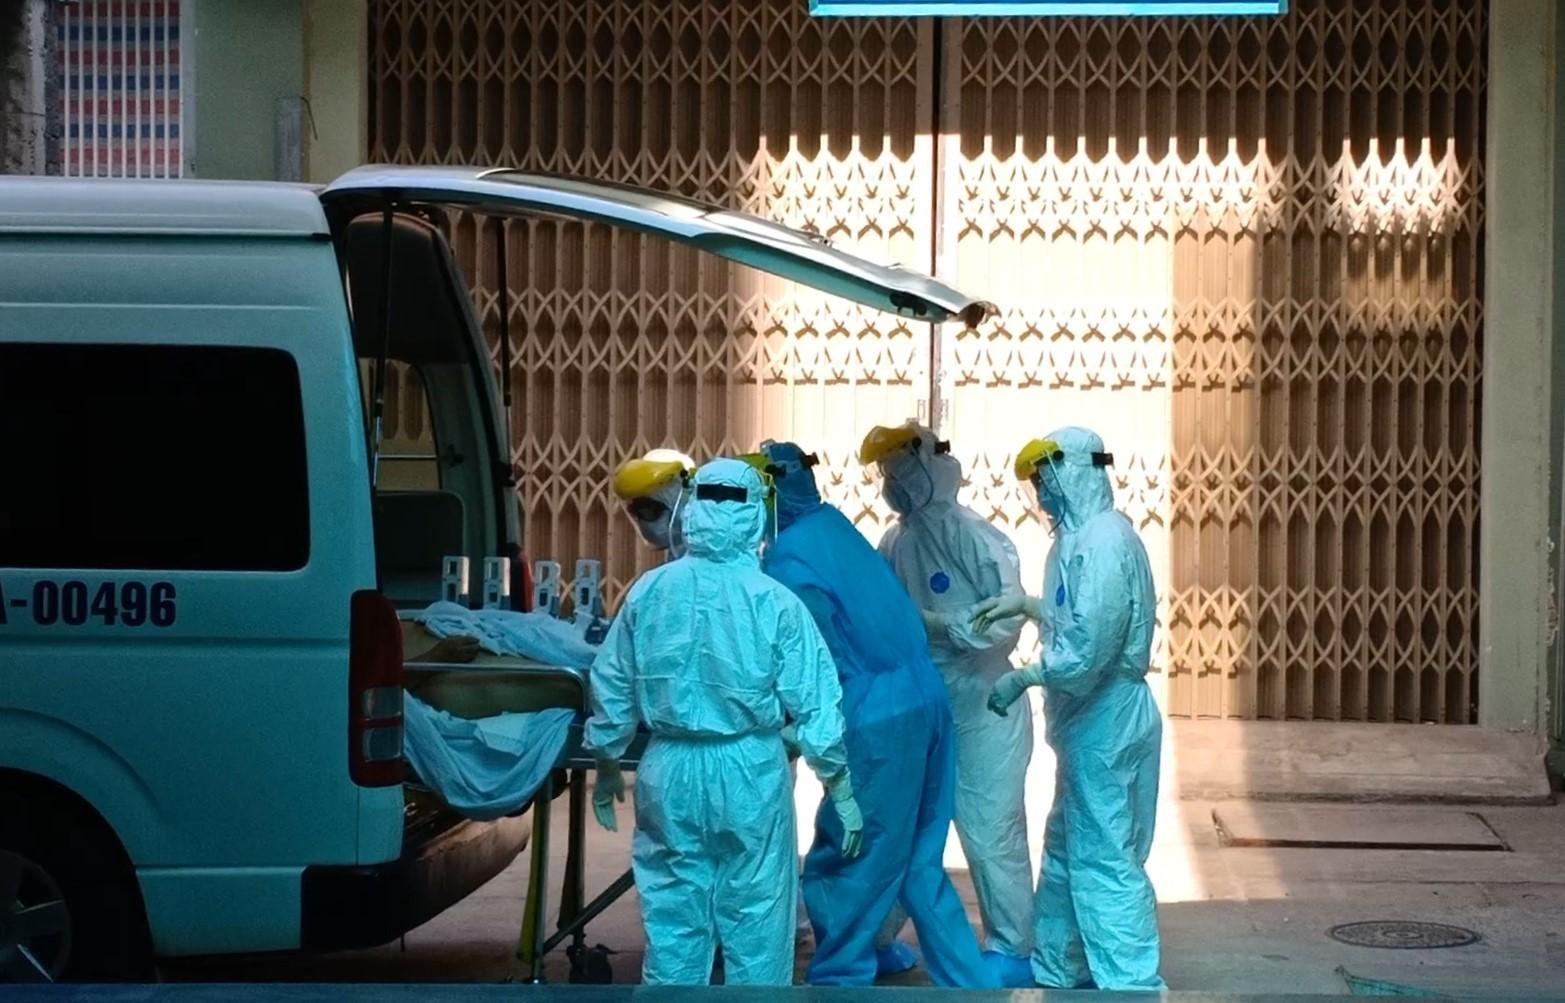 Ca bệnh nghi mắc COVID-19 ở Đà Nẵng, Đà Nẵng phong tỏa bệnh viên, Ca nhiễm, cách ly, Bệnh viện C Đà Nẵng, bệnh nhân T.V.D, thông tin khẩn của Bộ y tế